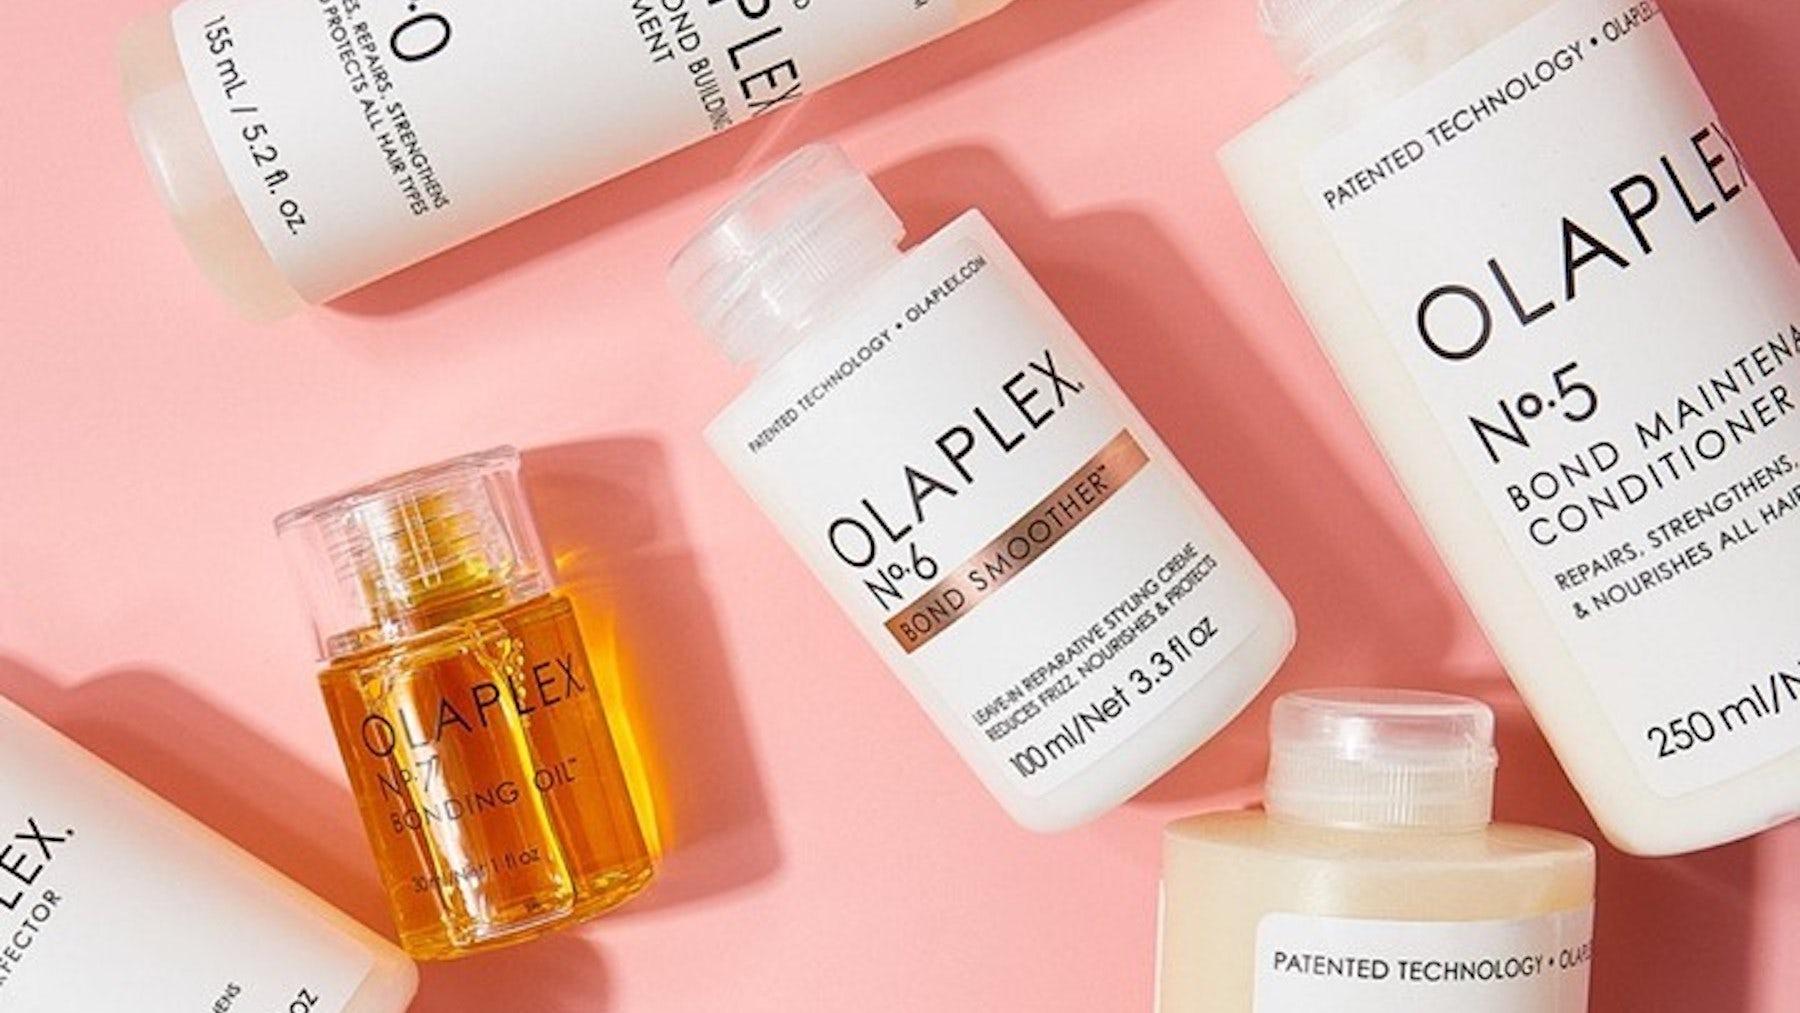 Advent-owned hair care firm Olaplex valued at $13.6 billion in IPO. Instagram/@olaplex.